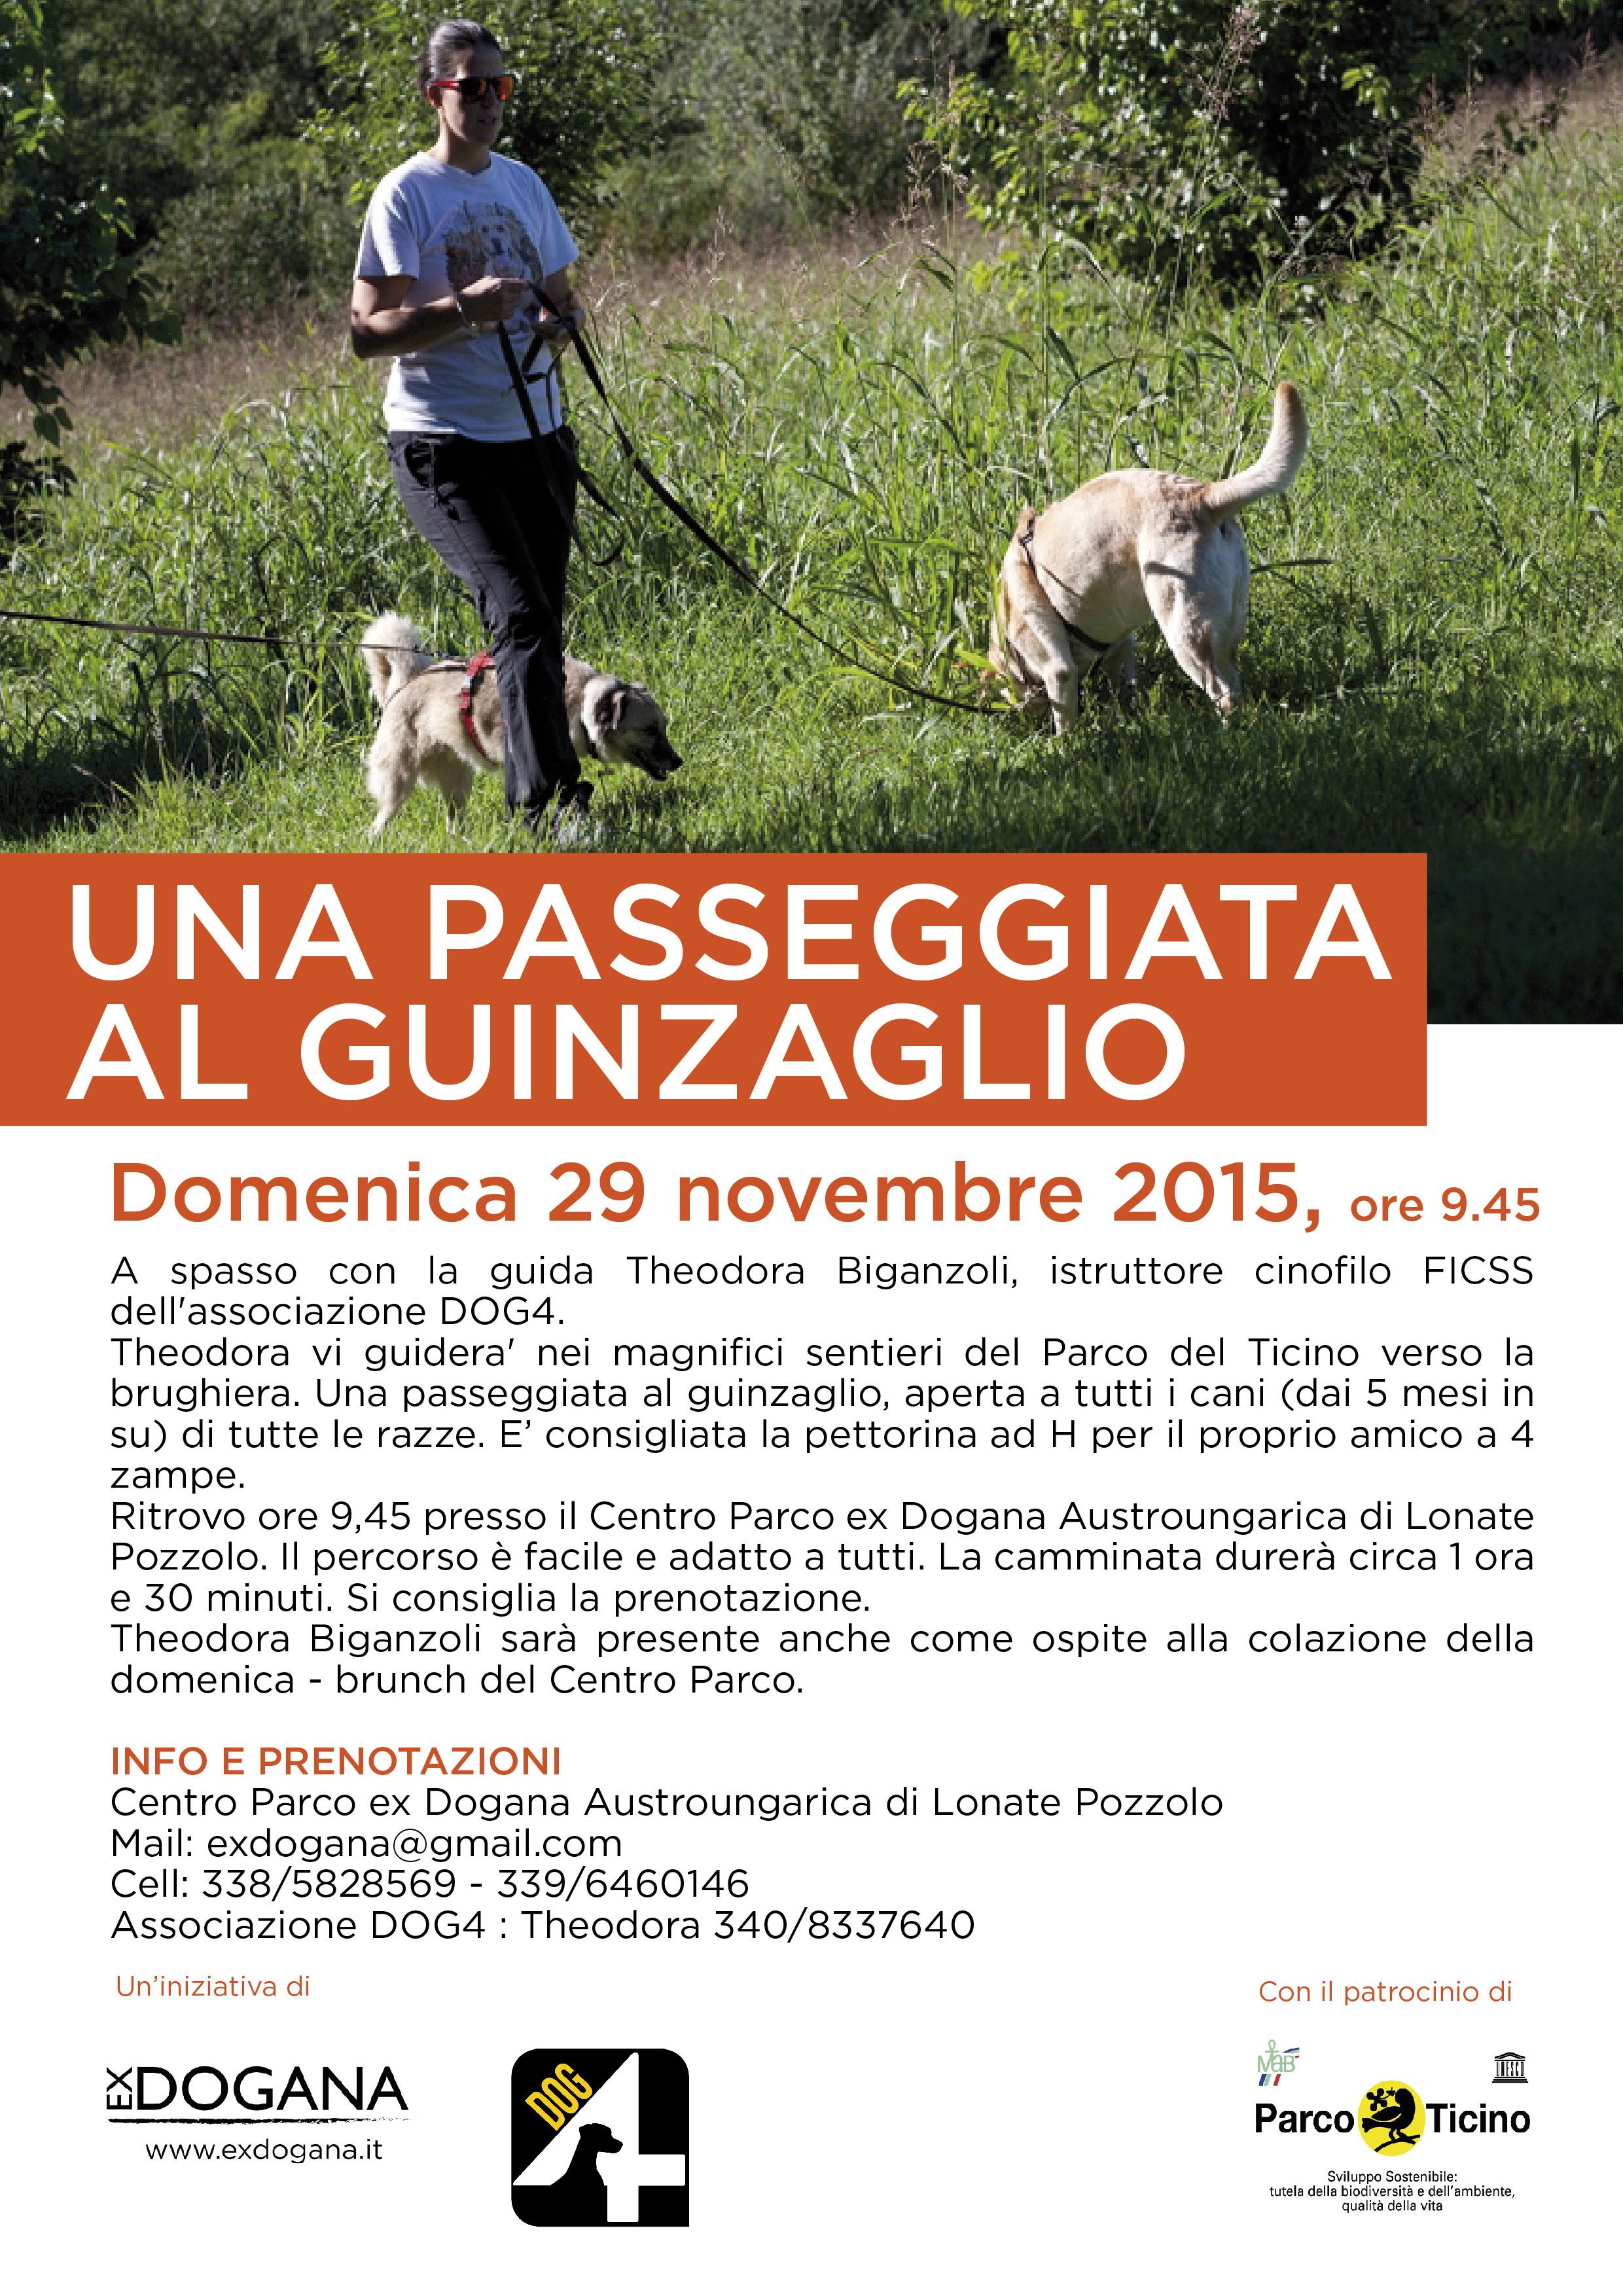 una_passeggiata_a_gunzaglio-04